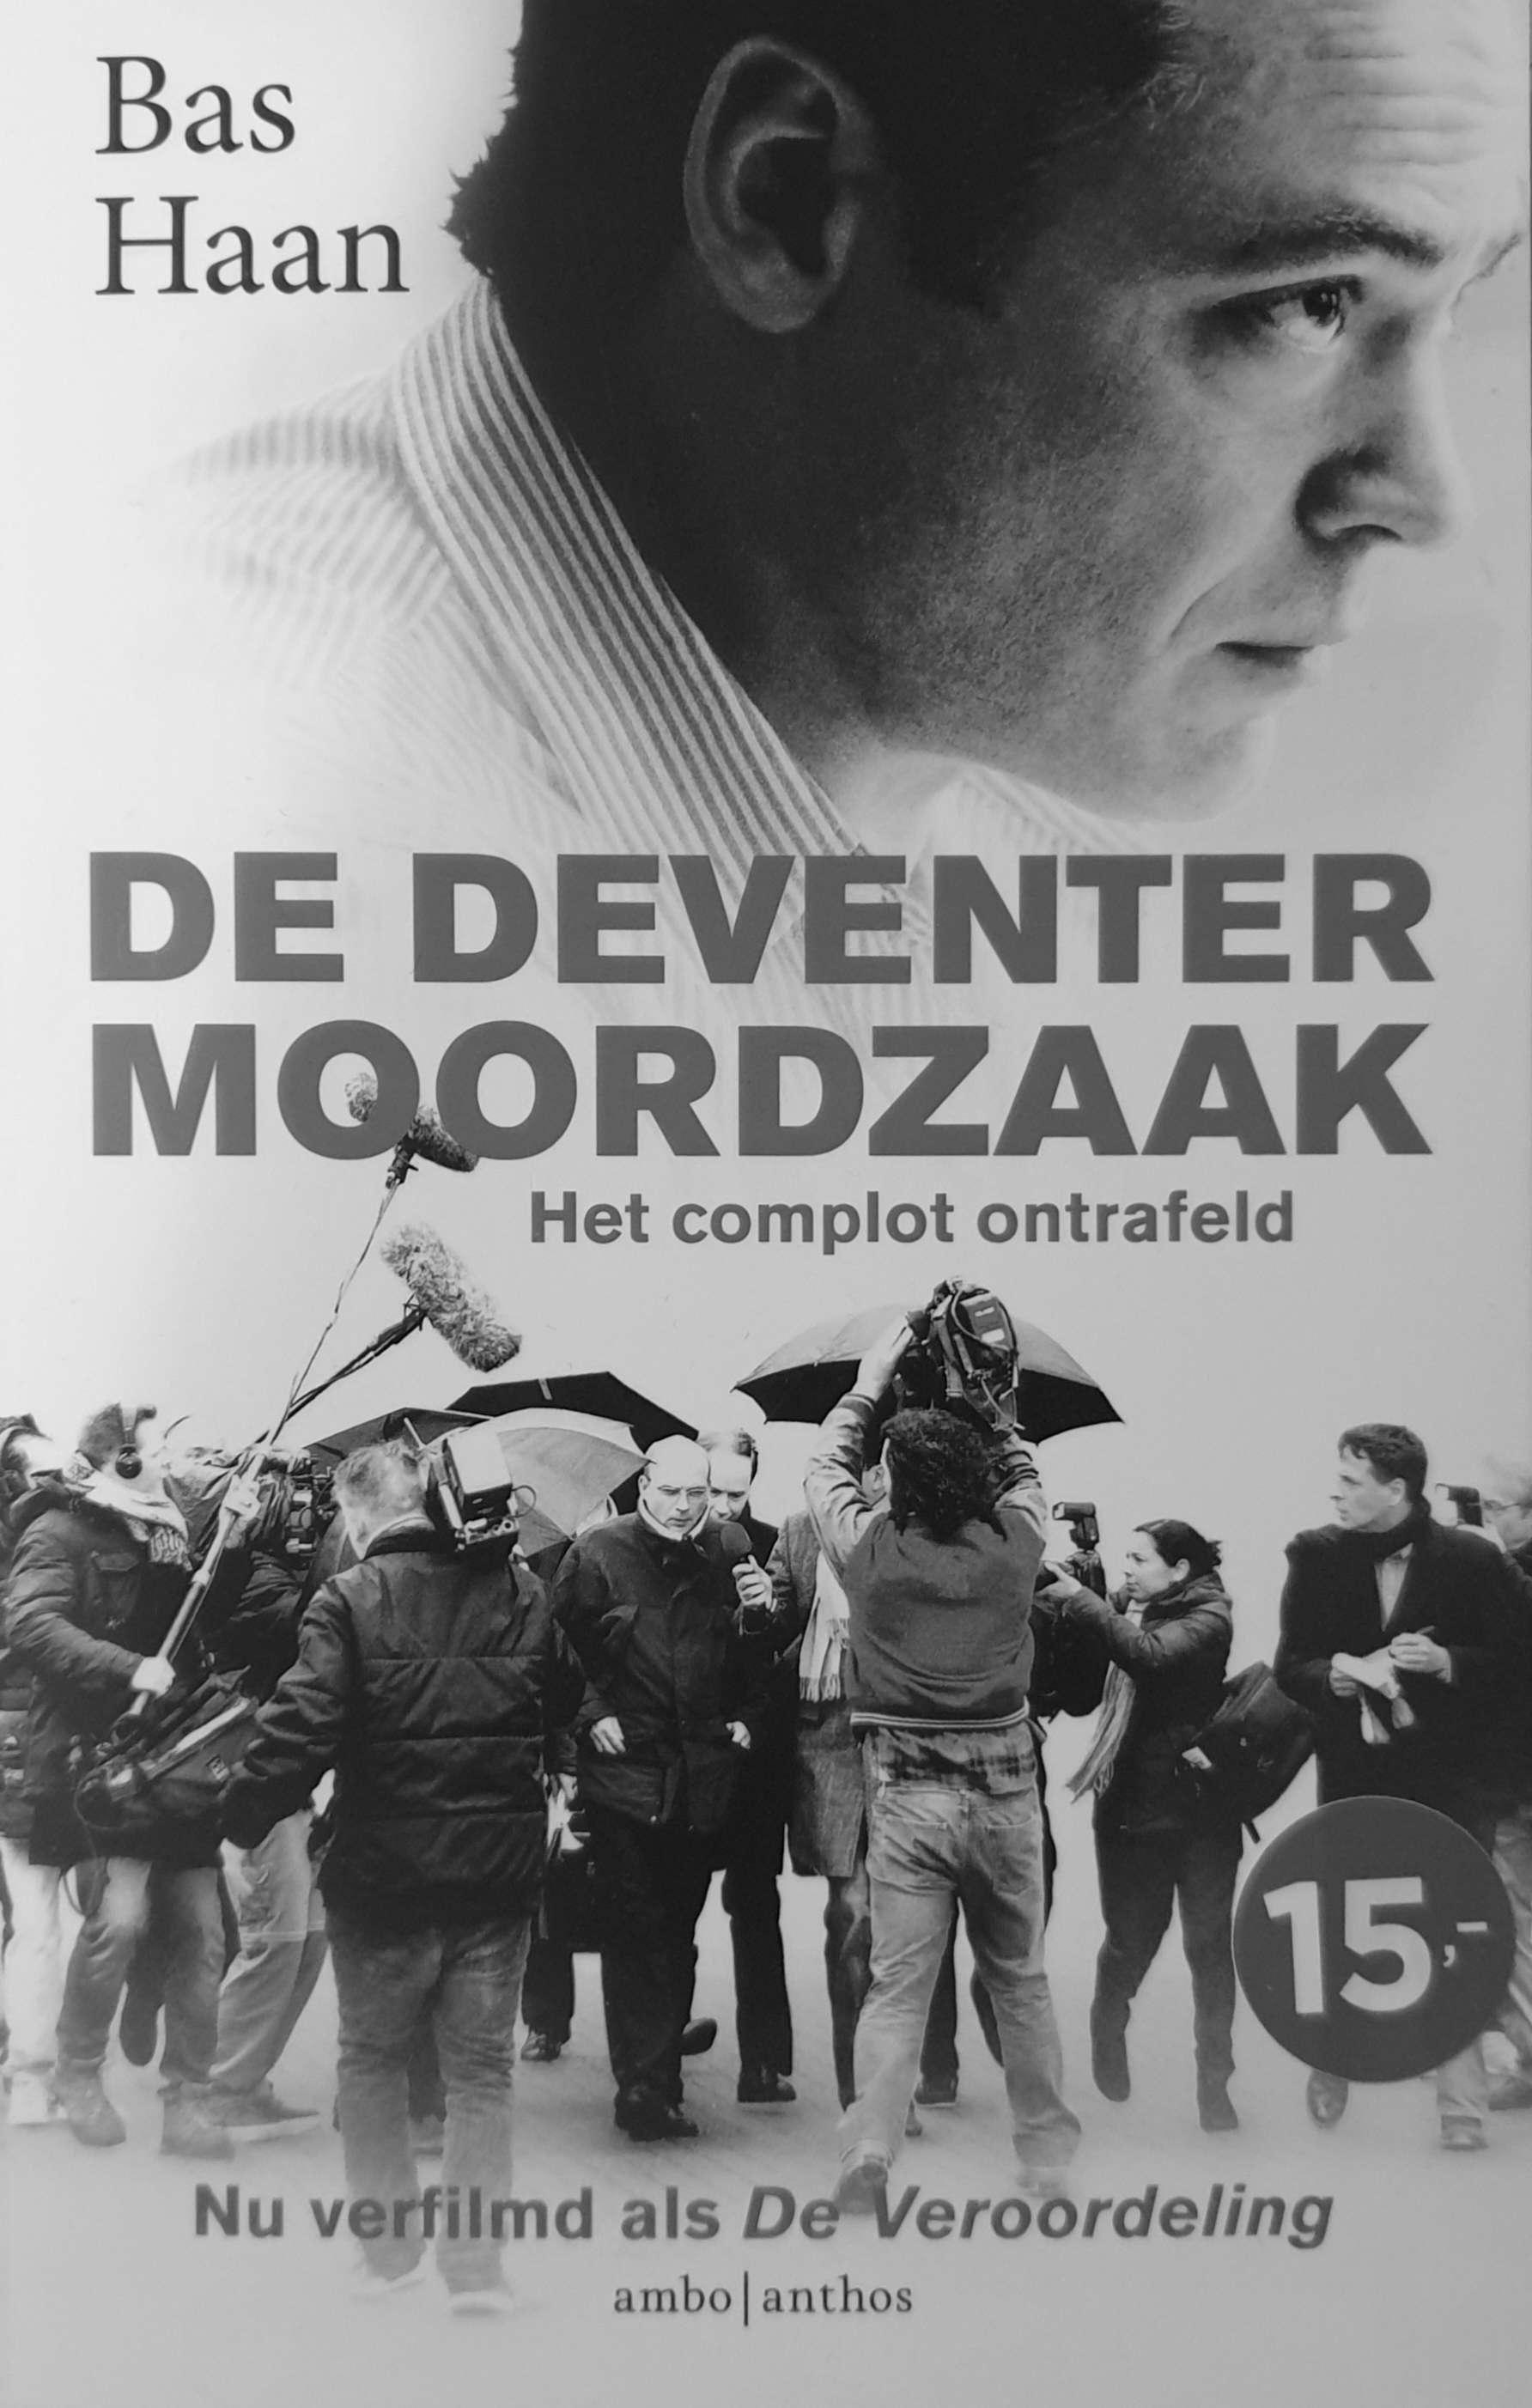 De voorkant van het boek 'De Deventer Moordzaak' van Bas Haan.